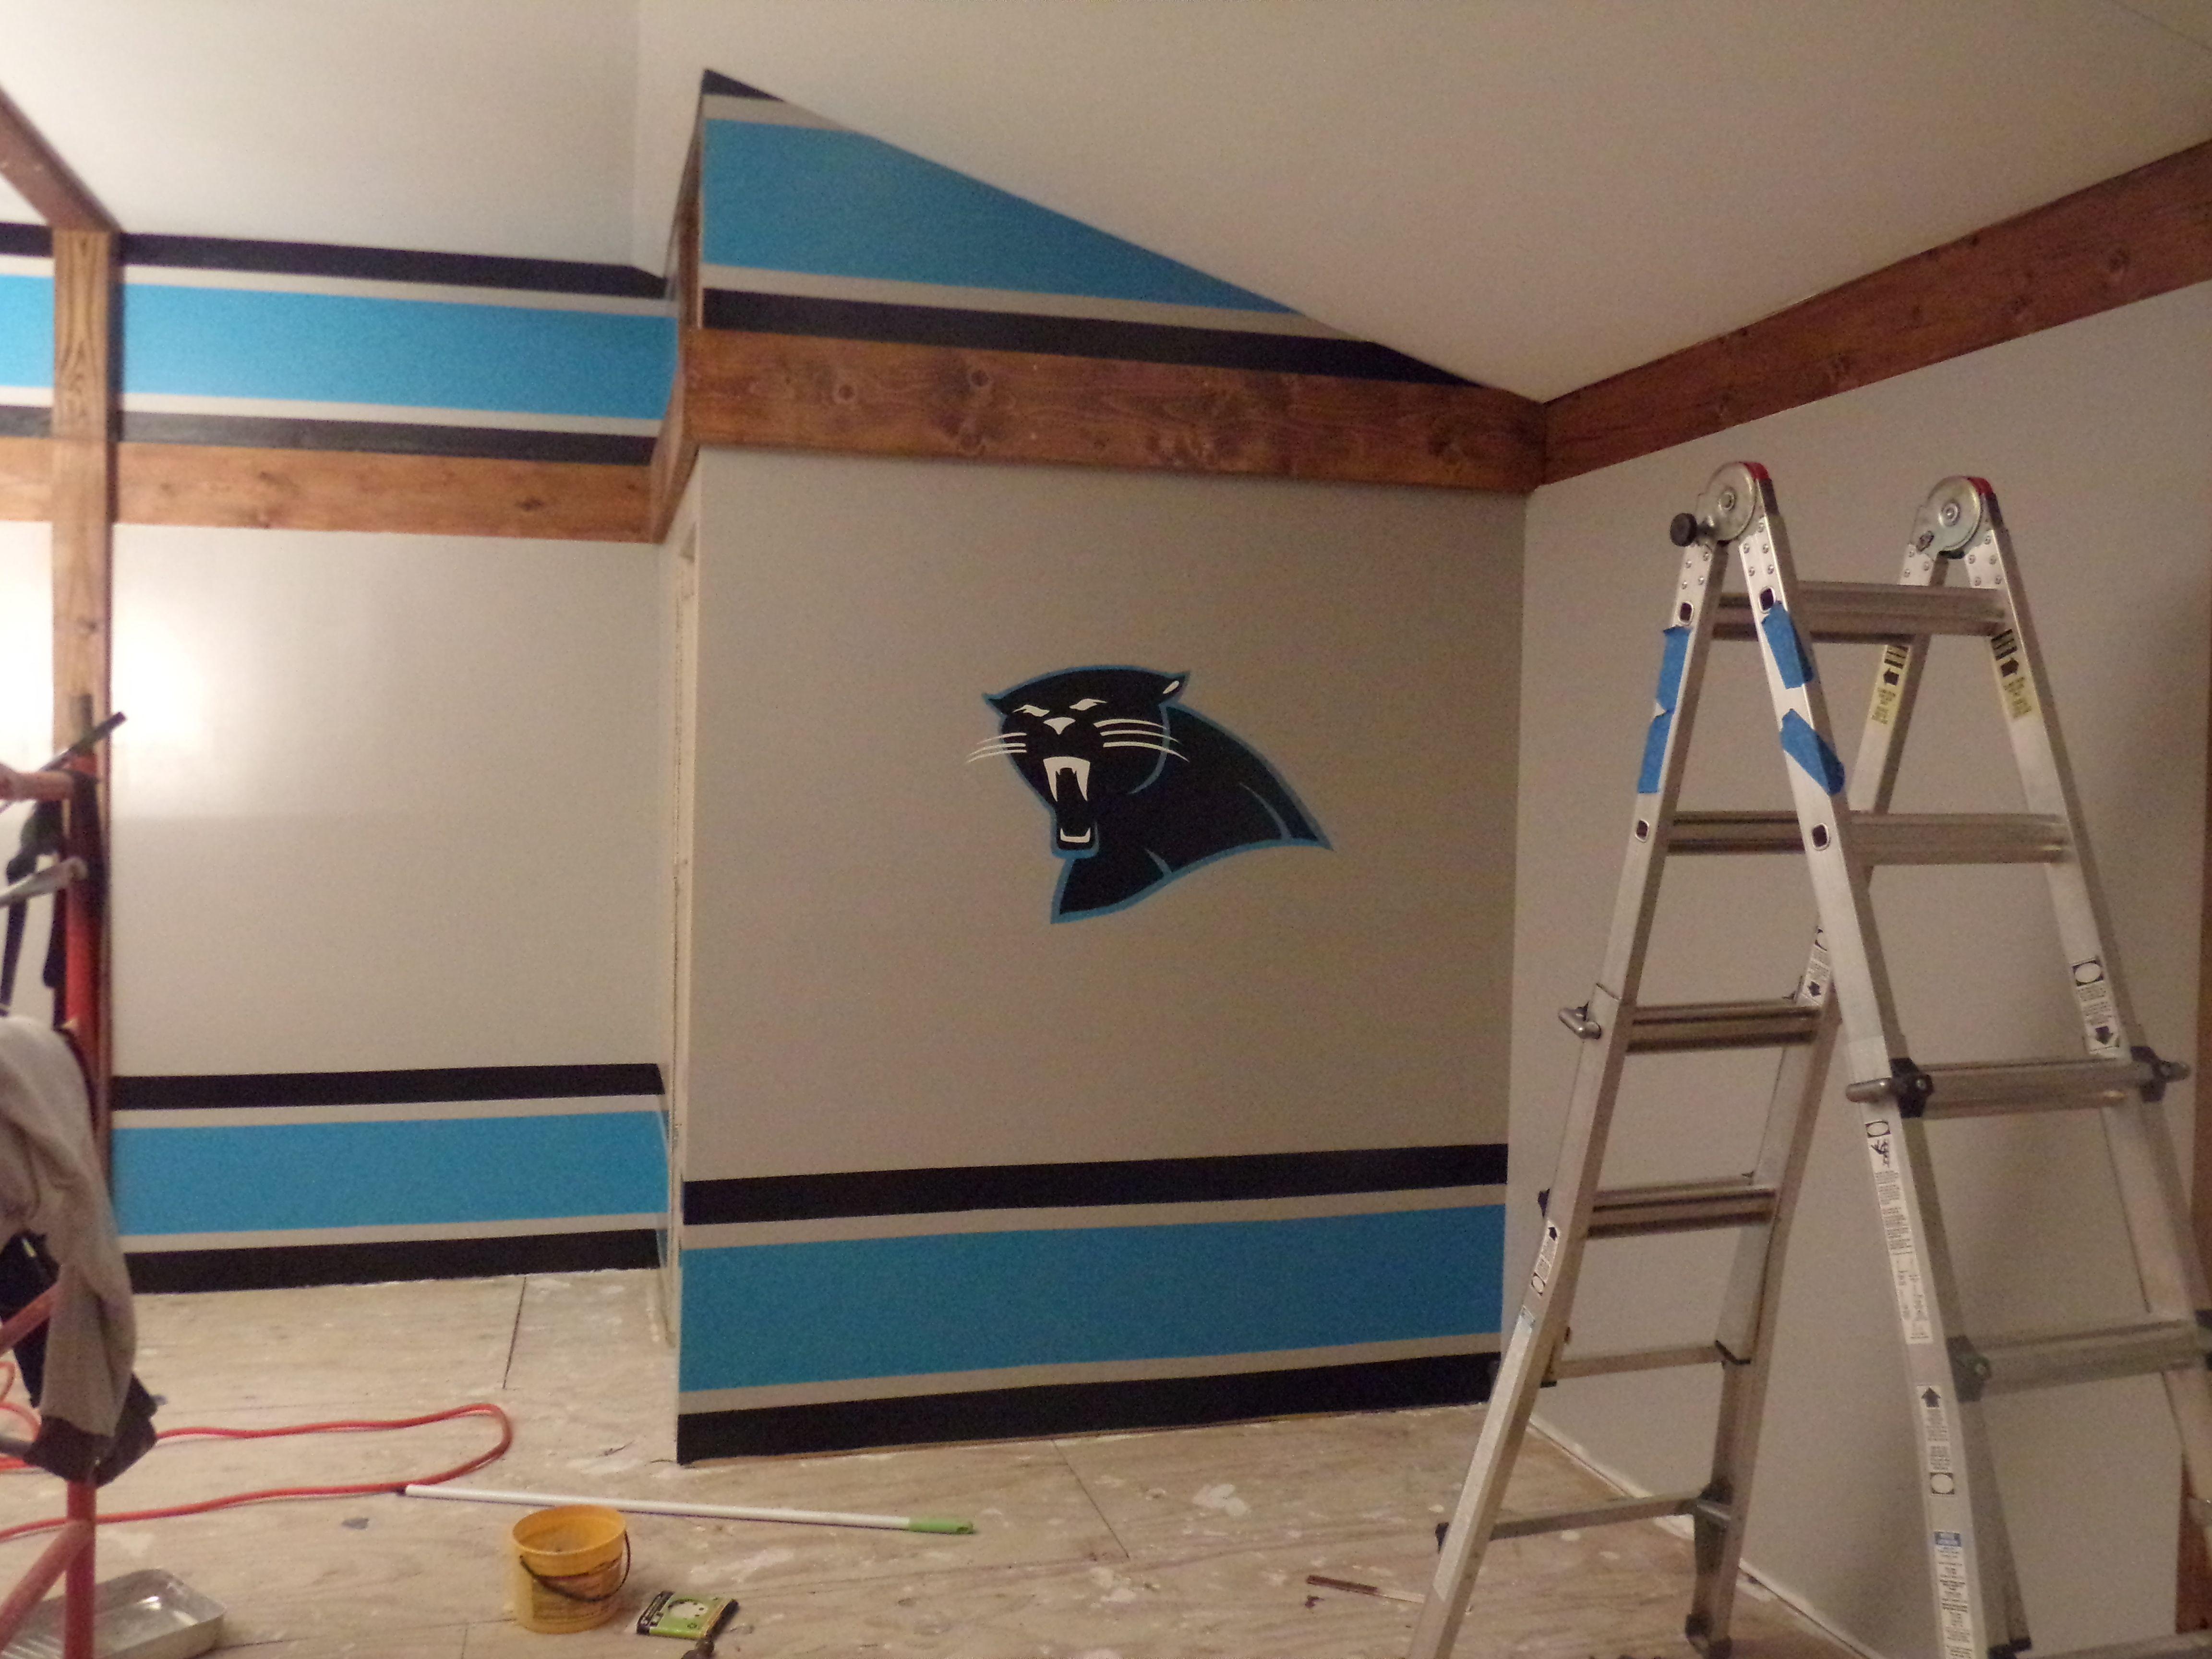 Carolina Panthers Room Decor